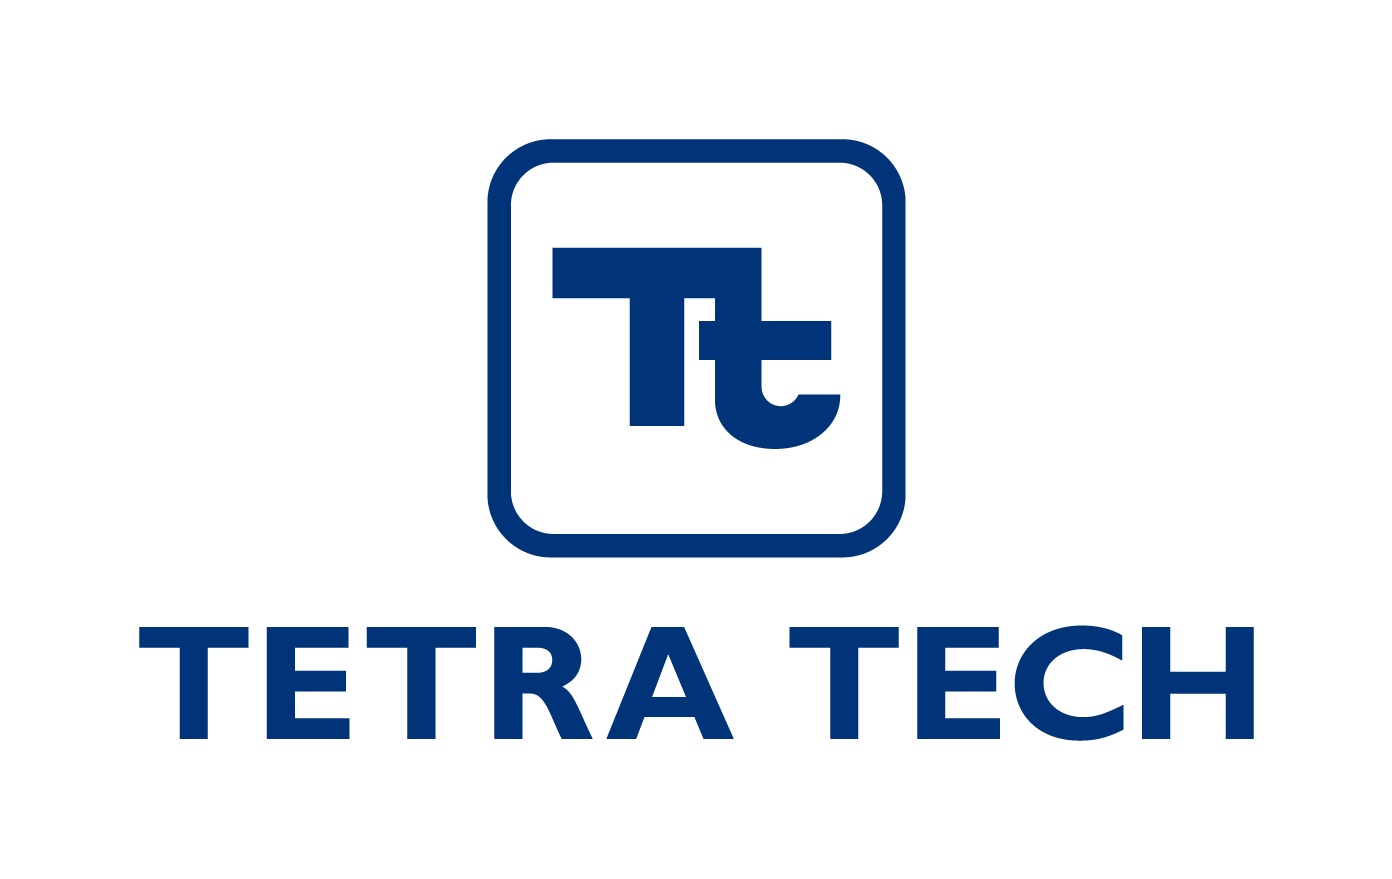 Tetratech-Logo-Vertical-(Blue).jpg